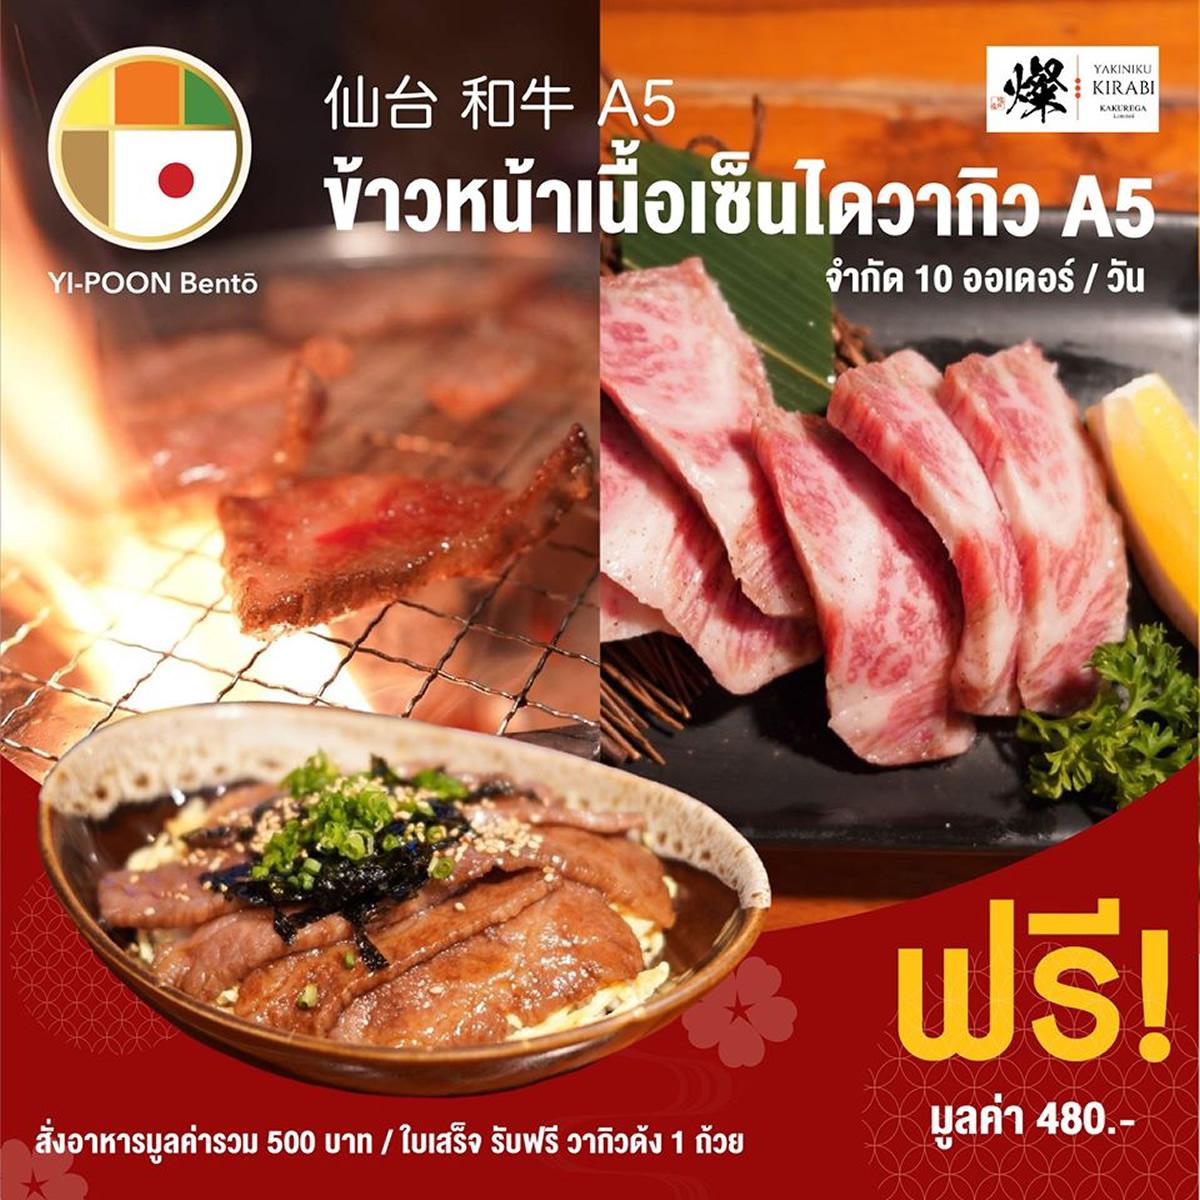 和食デリバリー「YI-POON Bentó」がスタート、プロンポンKaneHisaとトンローKirabiのコラボで